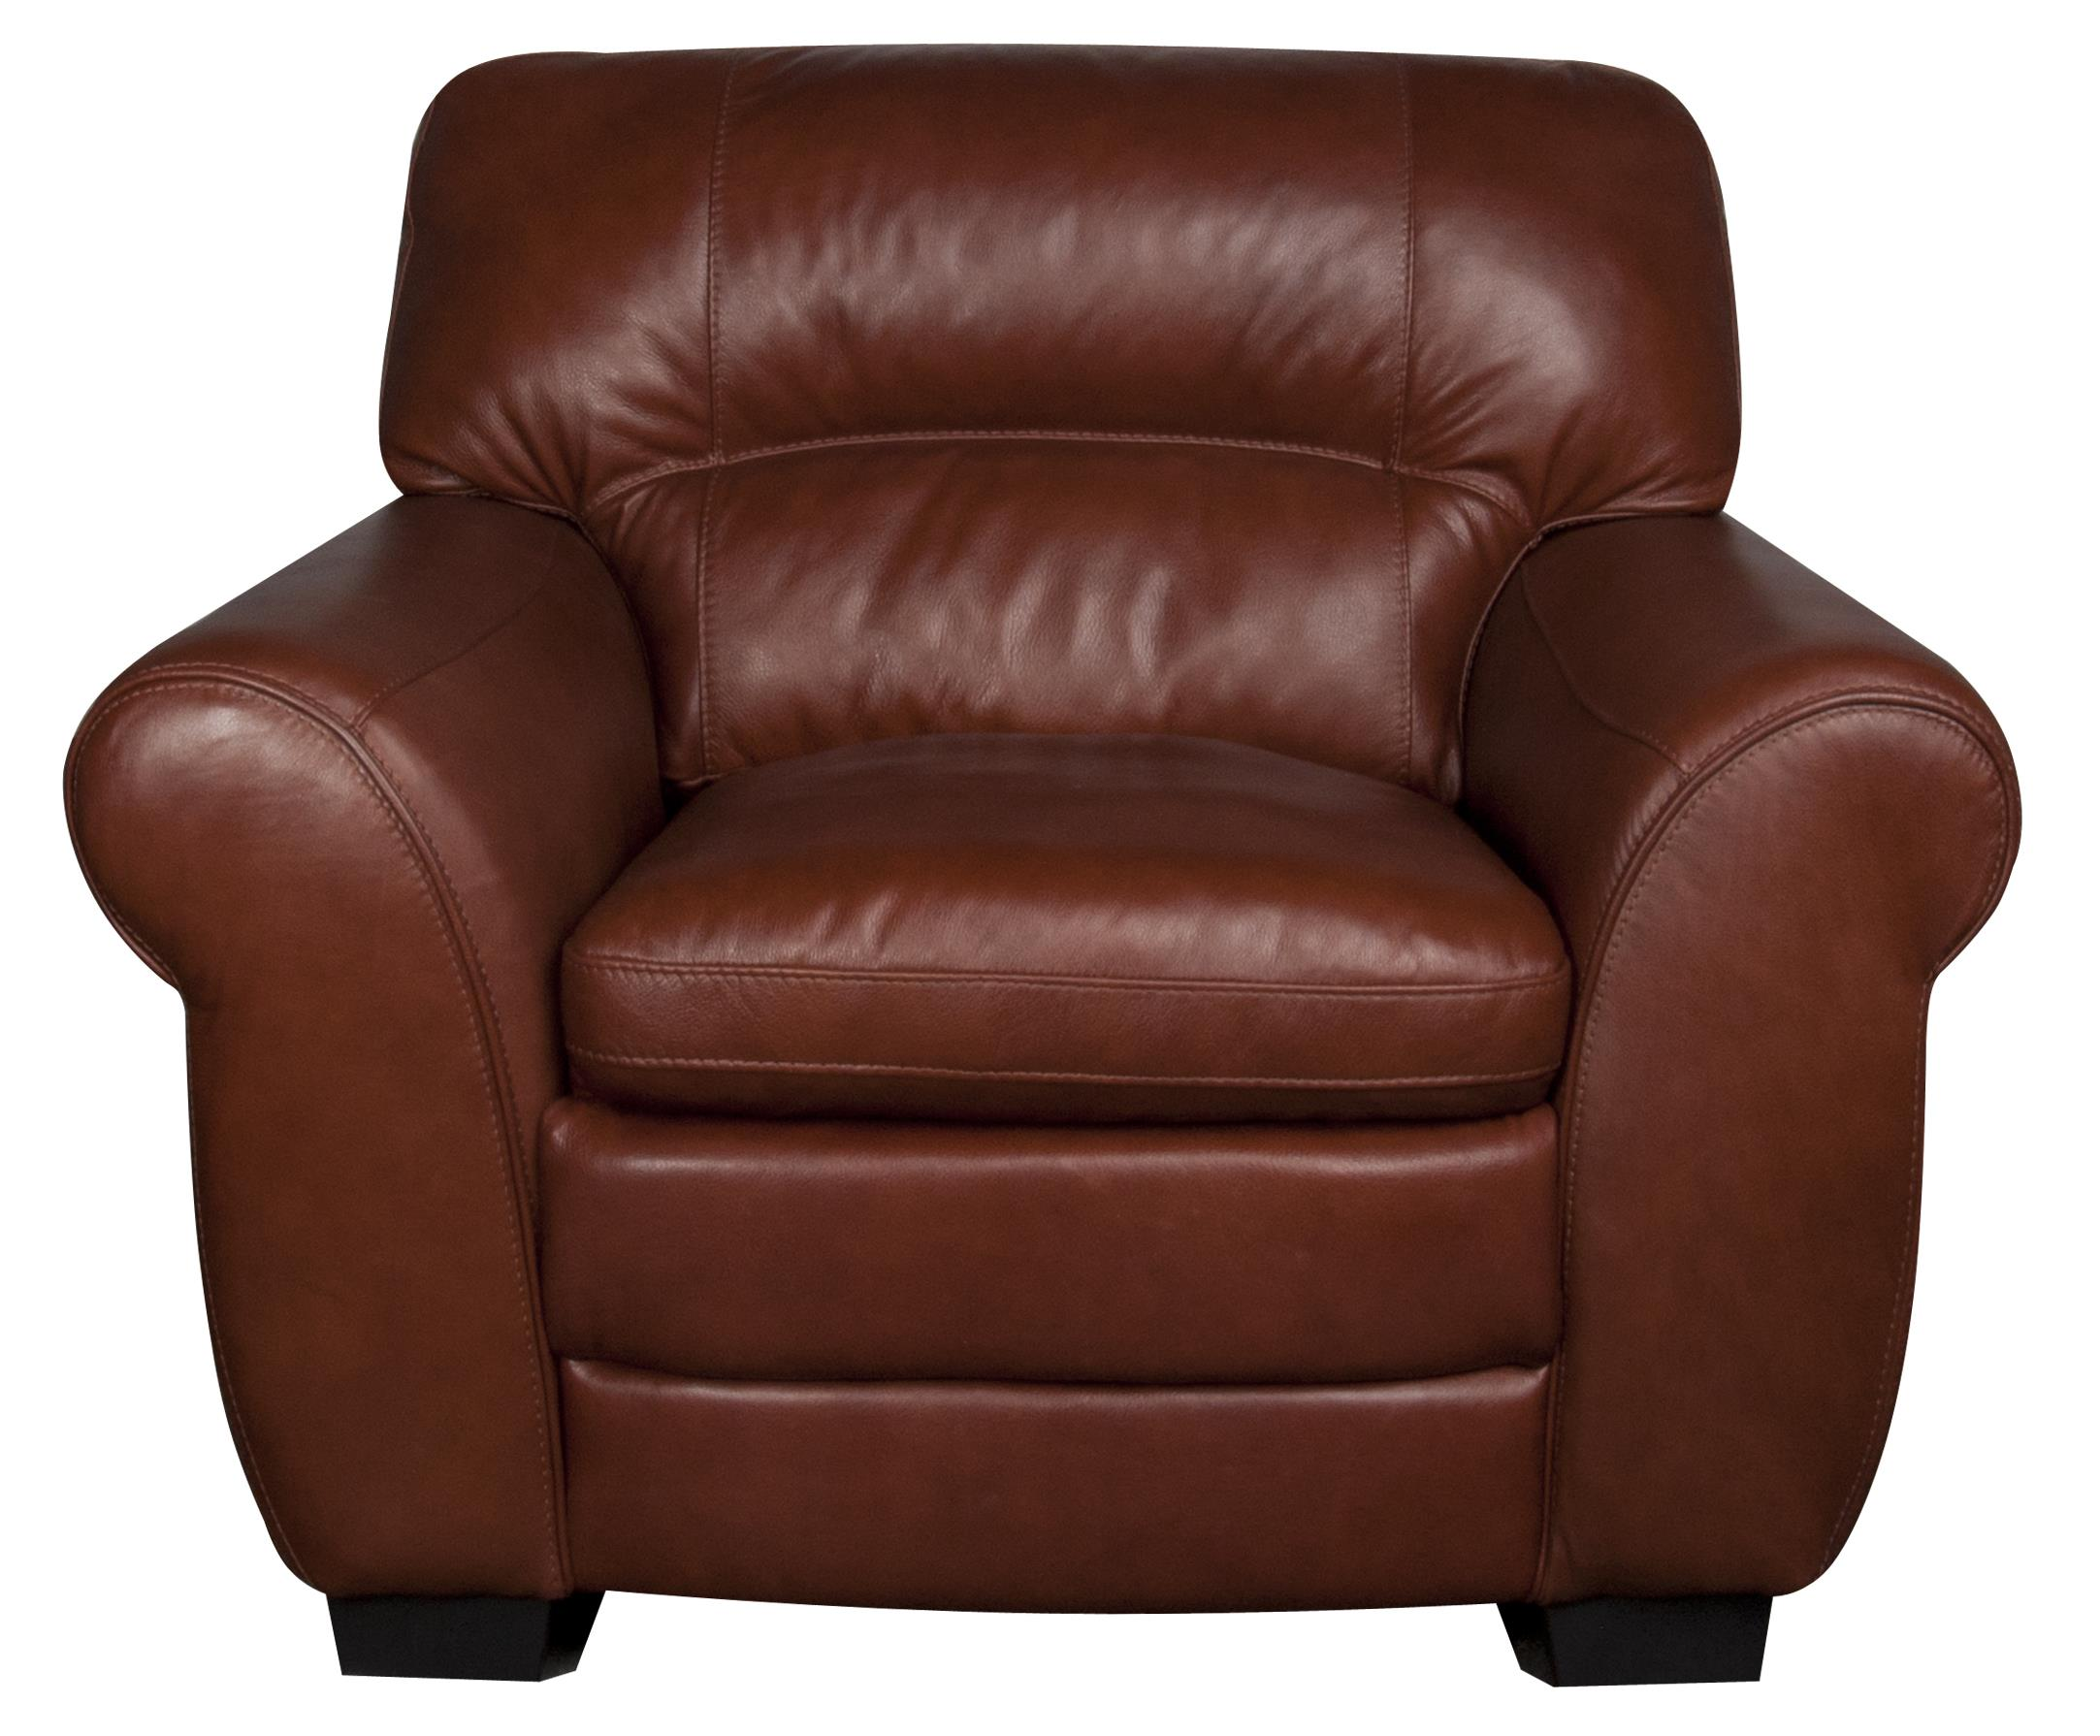 Morris Home Furnishings Ellis Ellis 100% Leather Chair - Item Number: 680978488